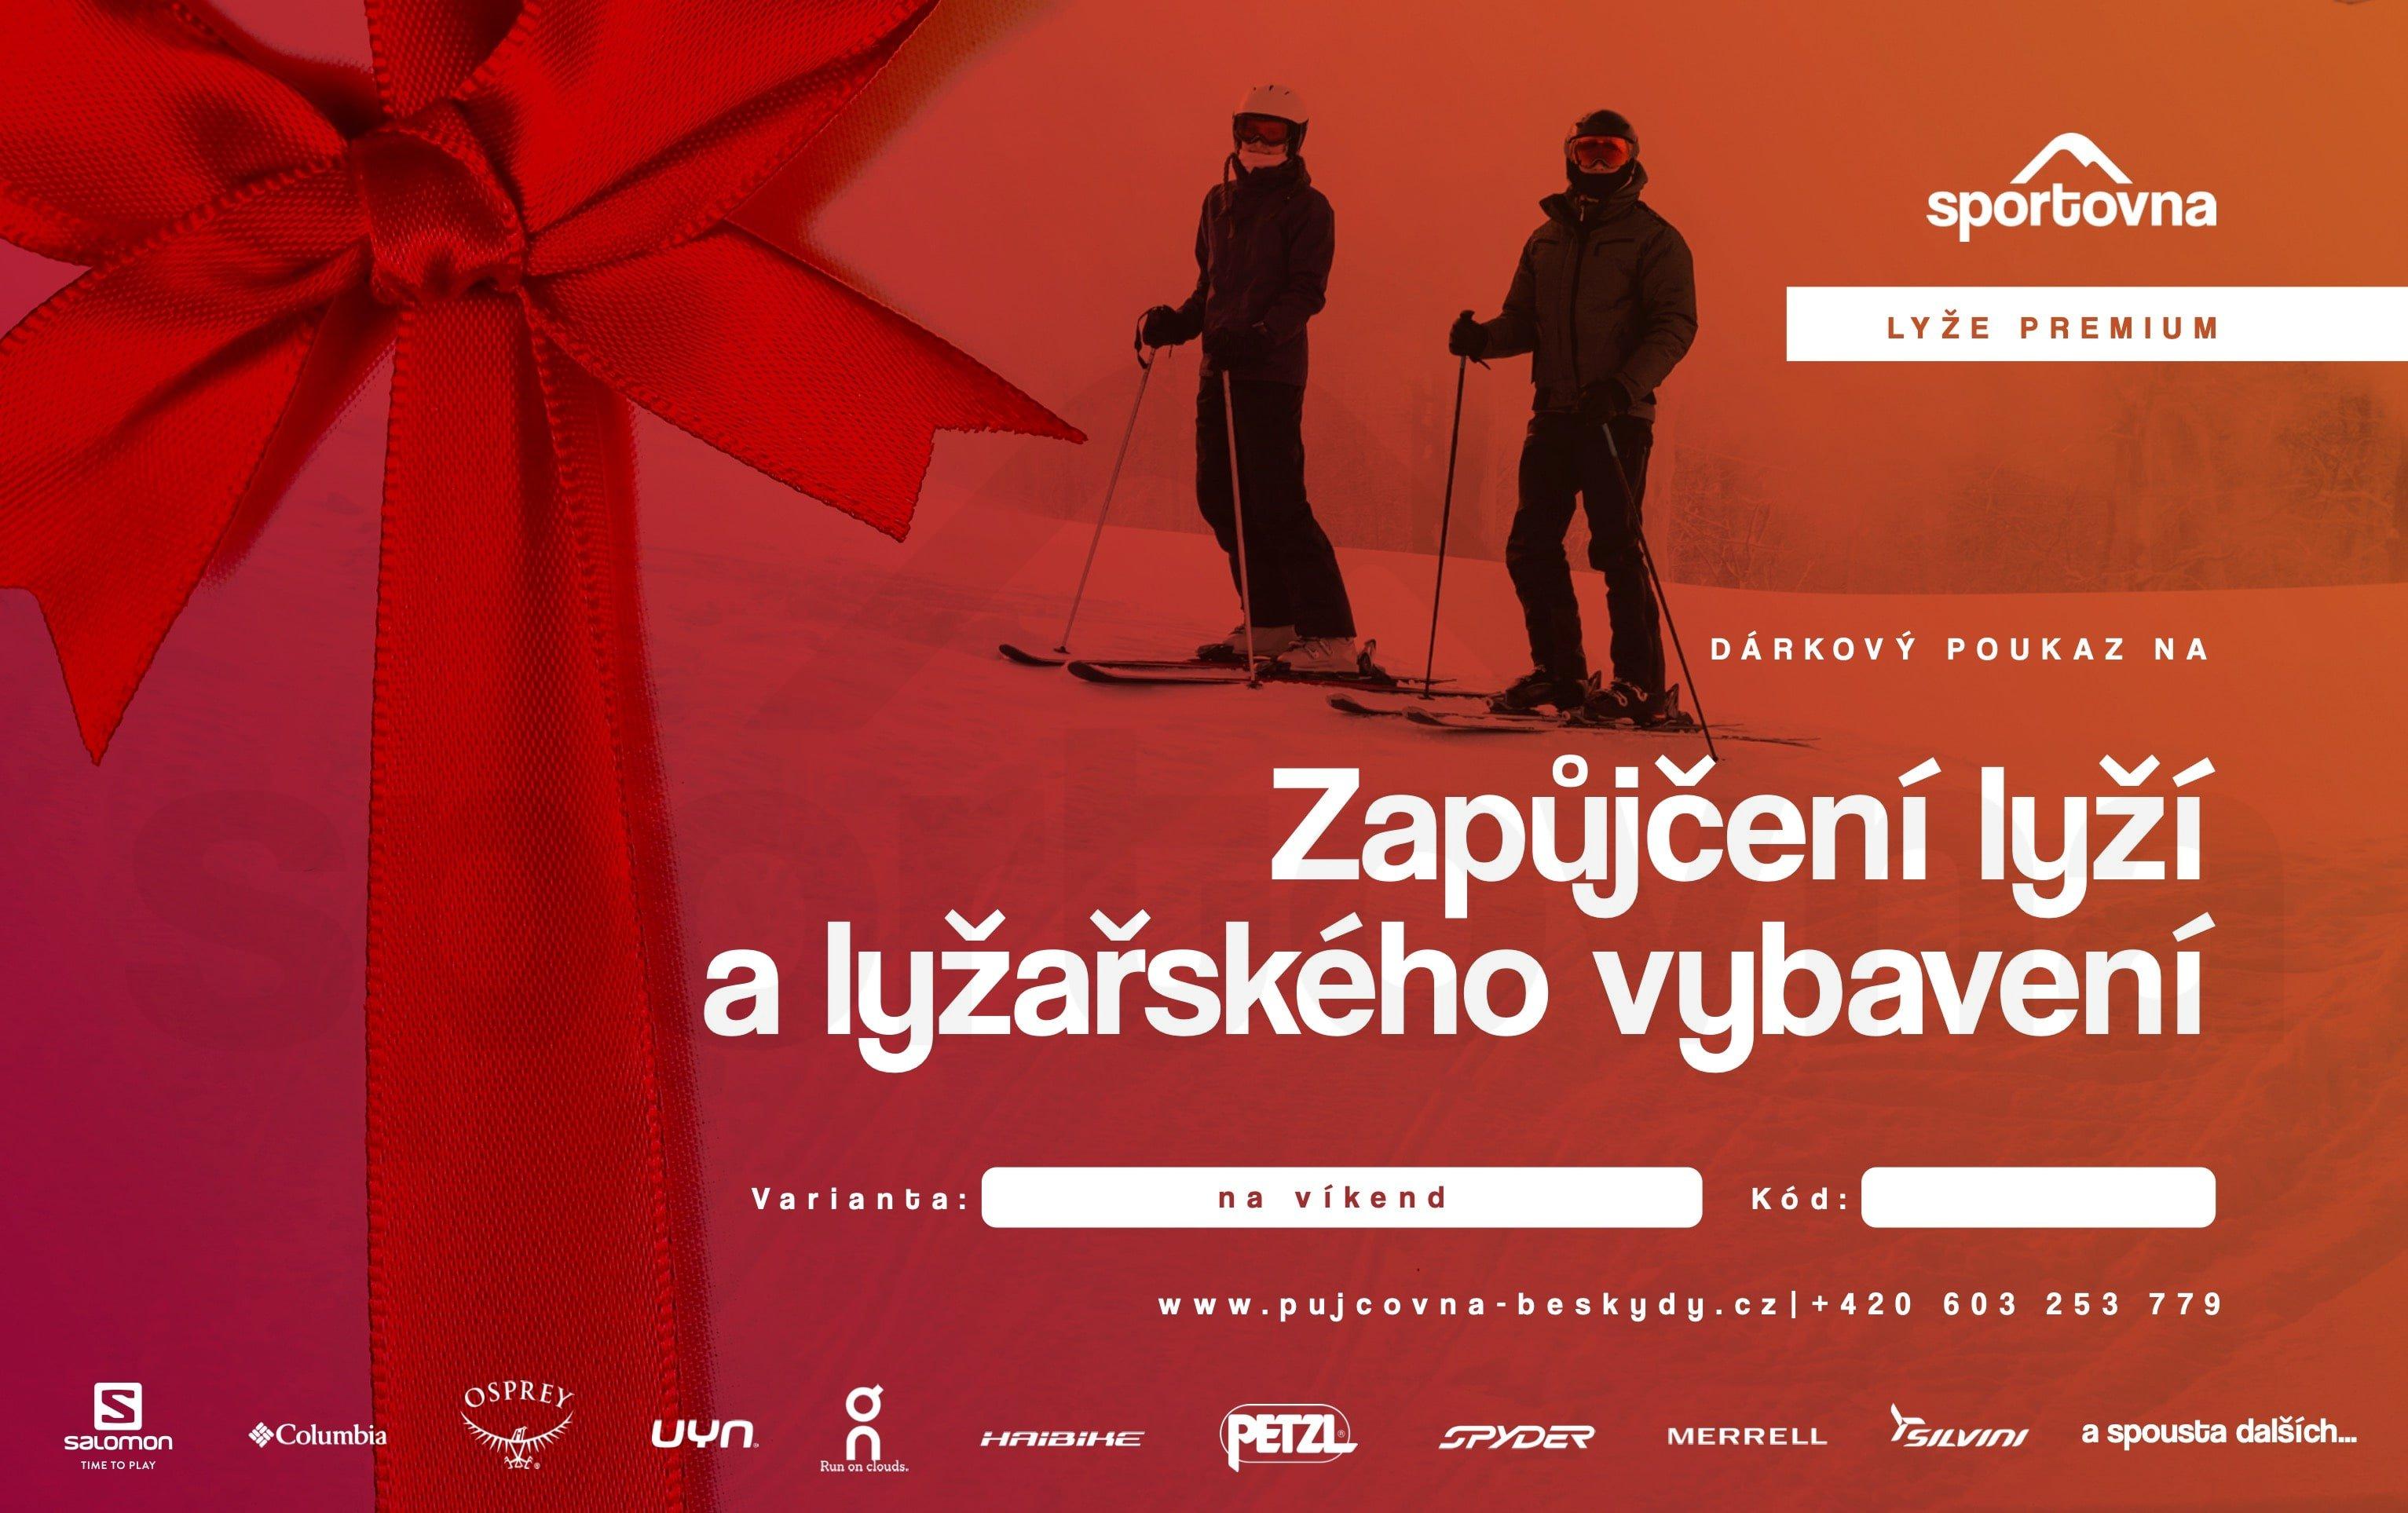 Poukaz na zapůjčení lyží a lyžařského vybavení - den